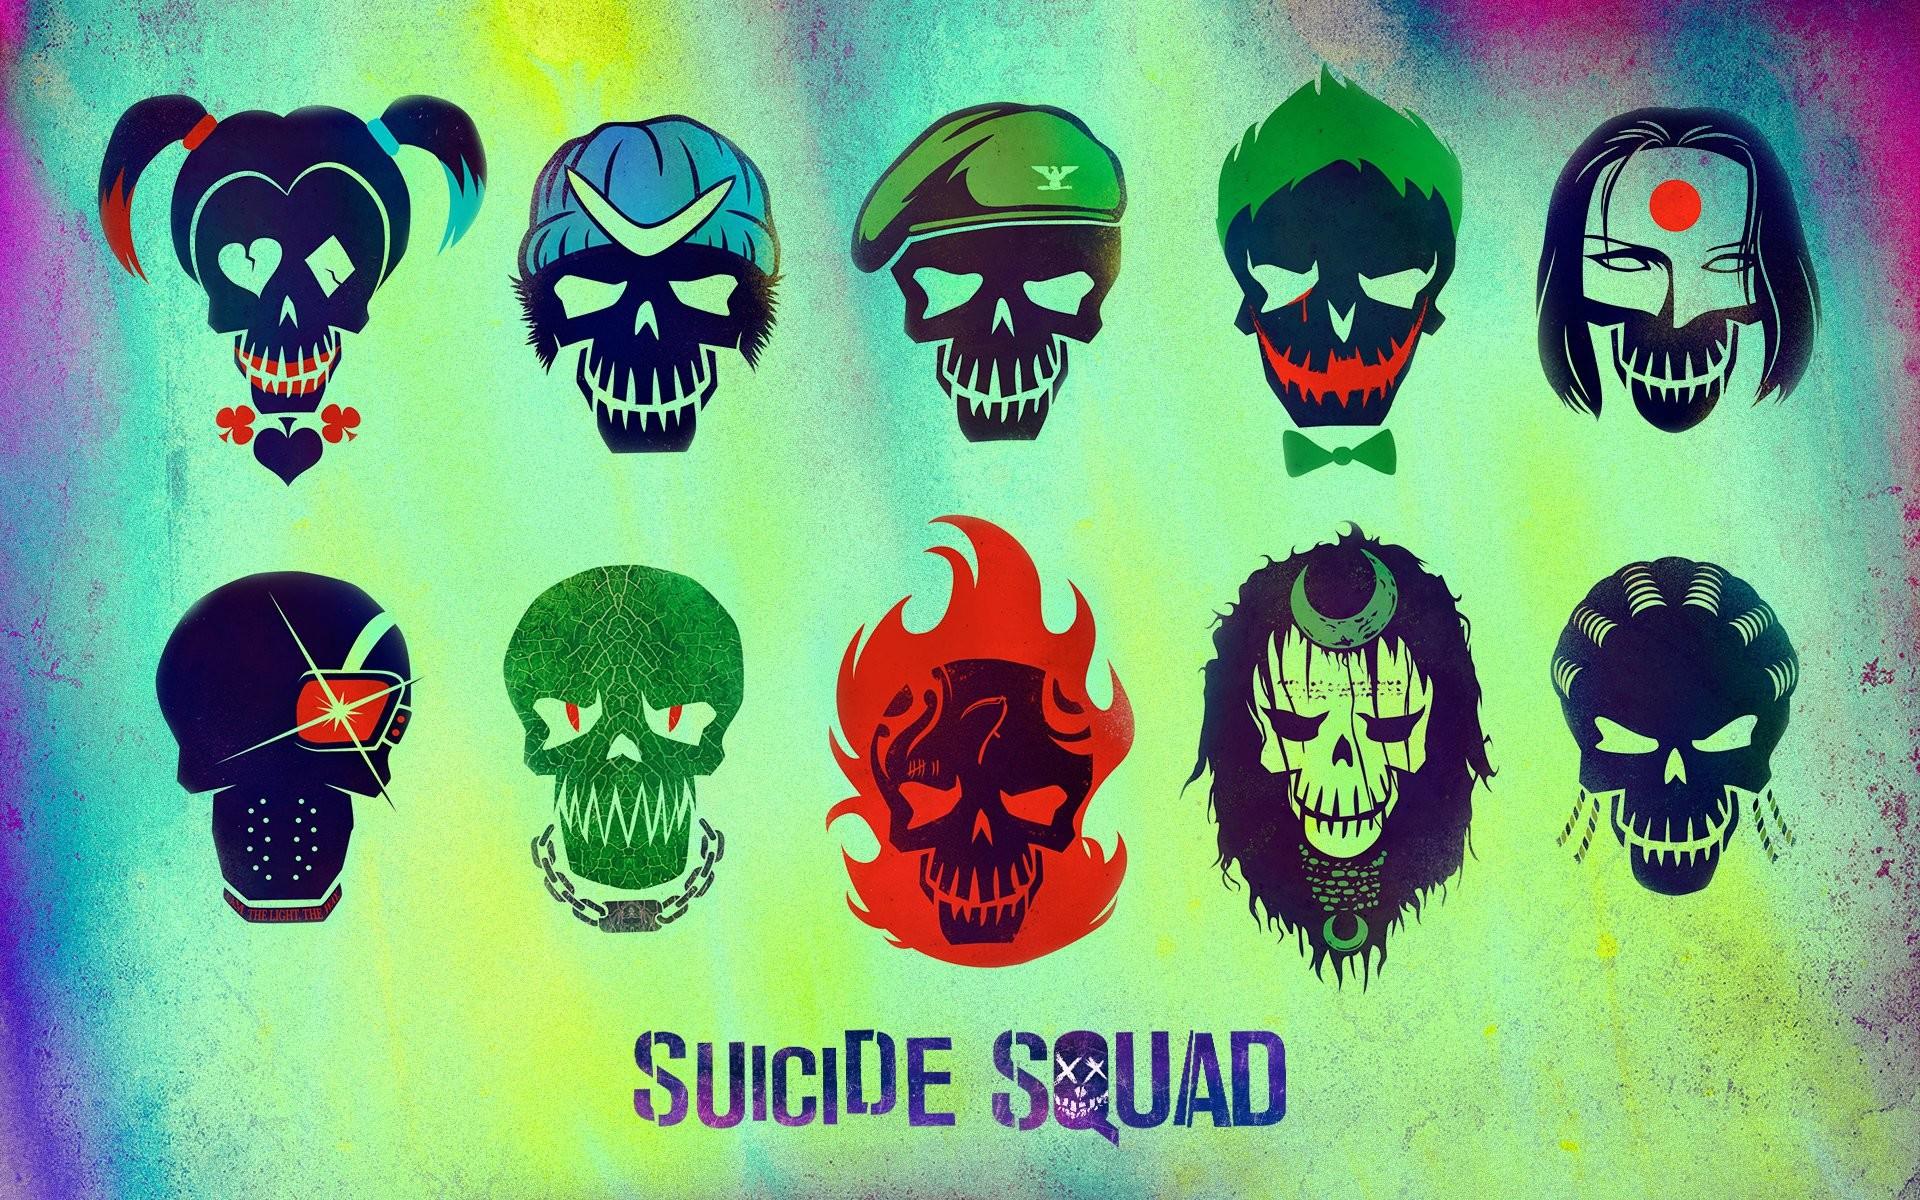 Suicide Squad Wallpaper HD 71 images 1920x1200